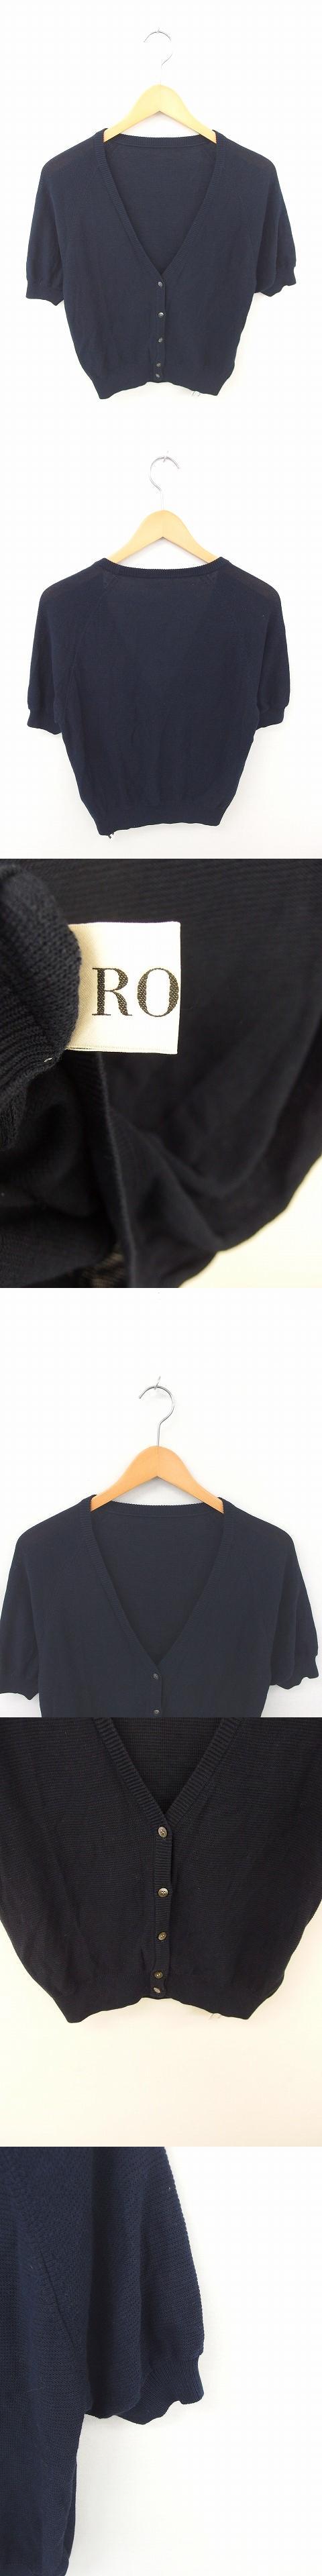 カーディガン 無地 シンプル 薄手 綿 コットン ラグランスリーブ 半袖 M 紺 ネイビー /TT53